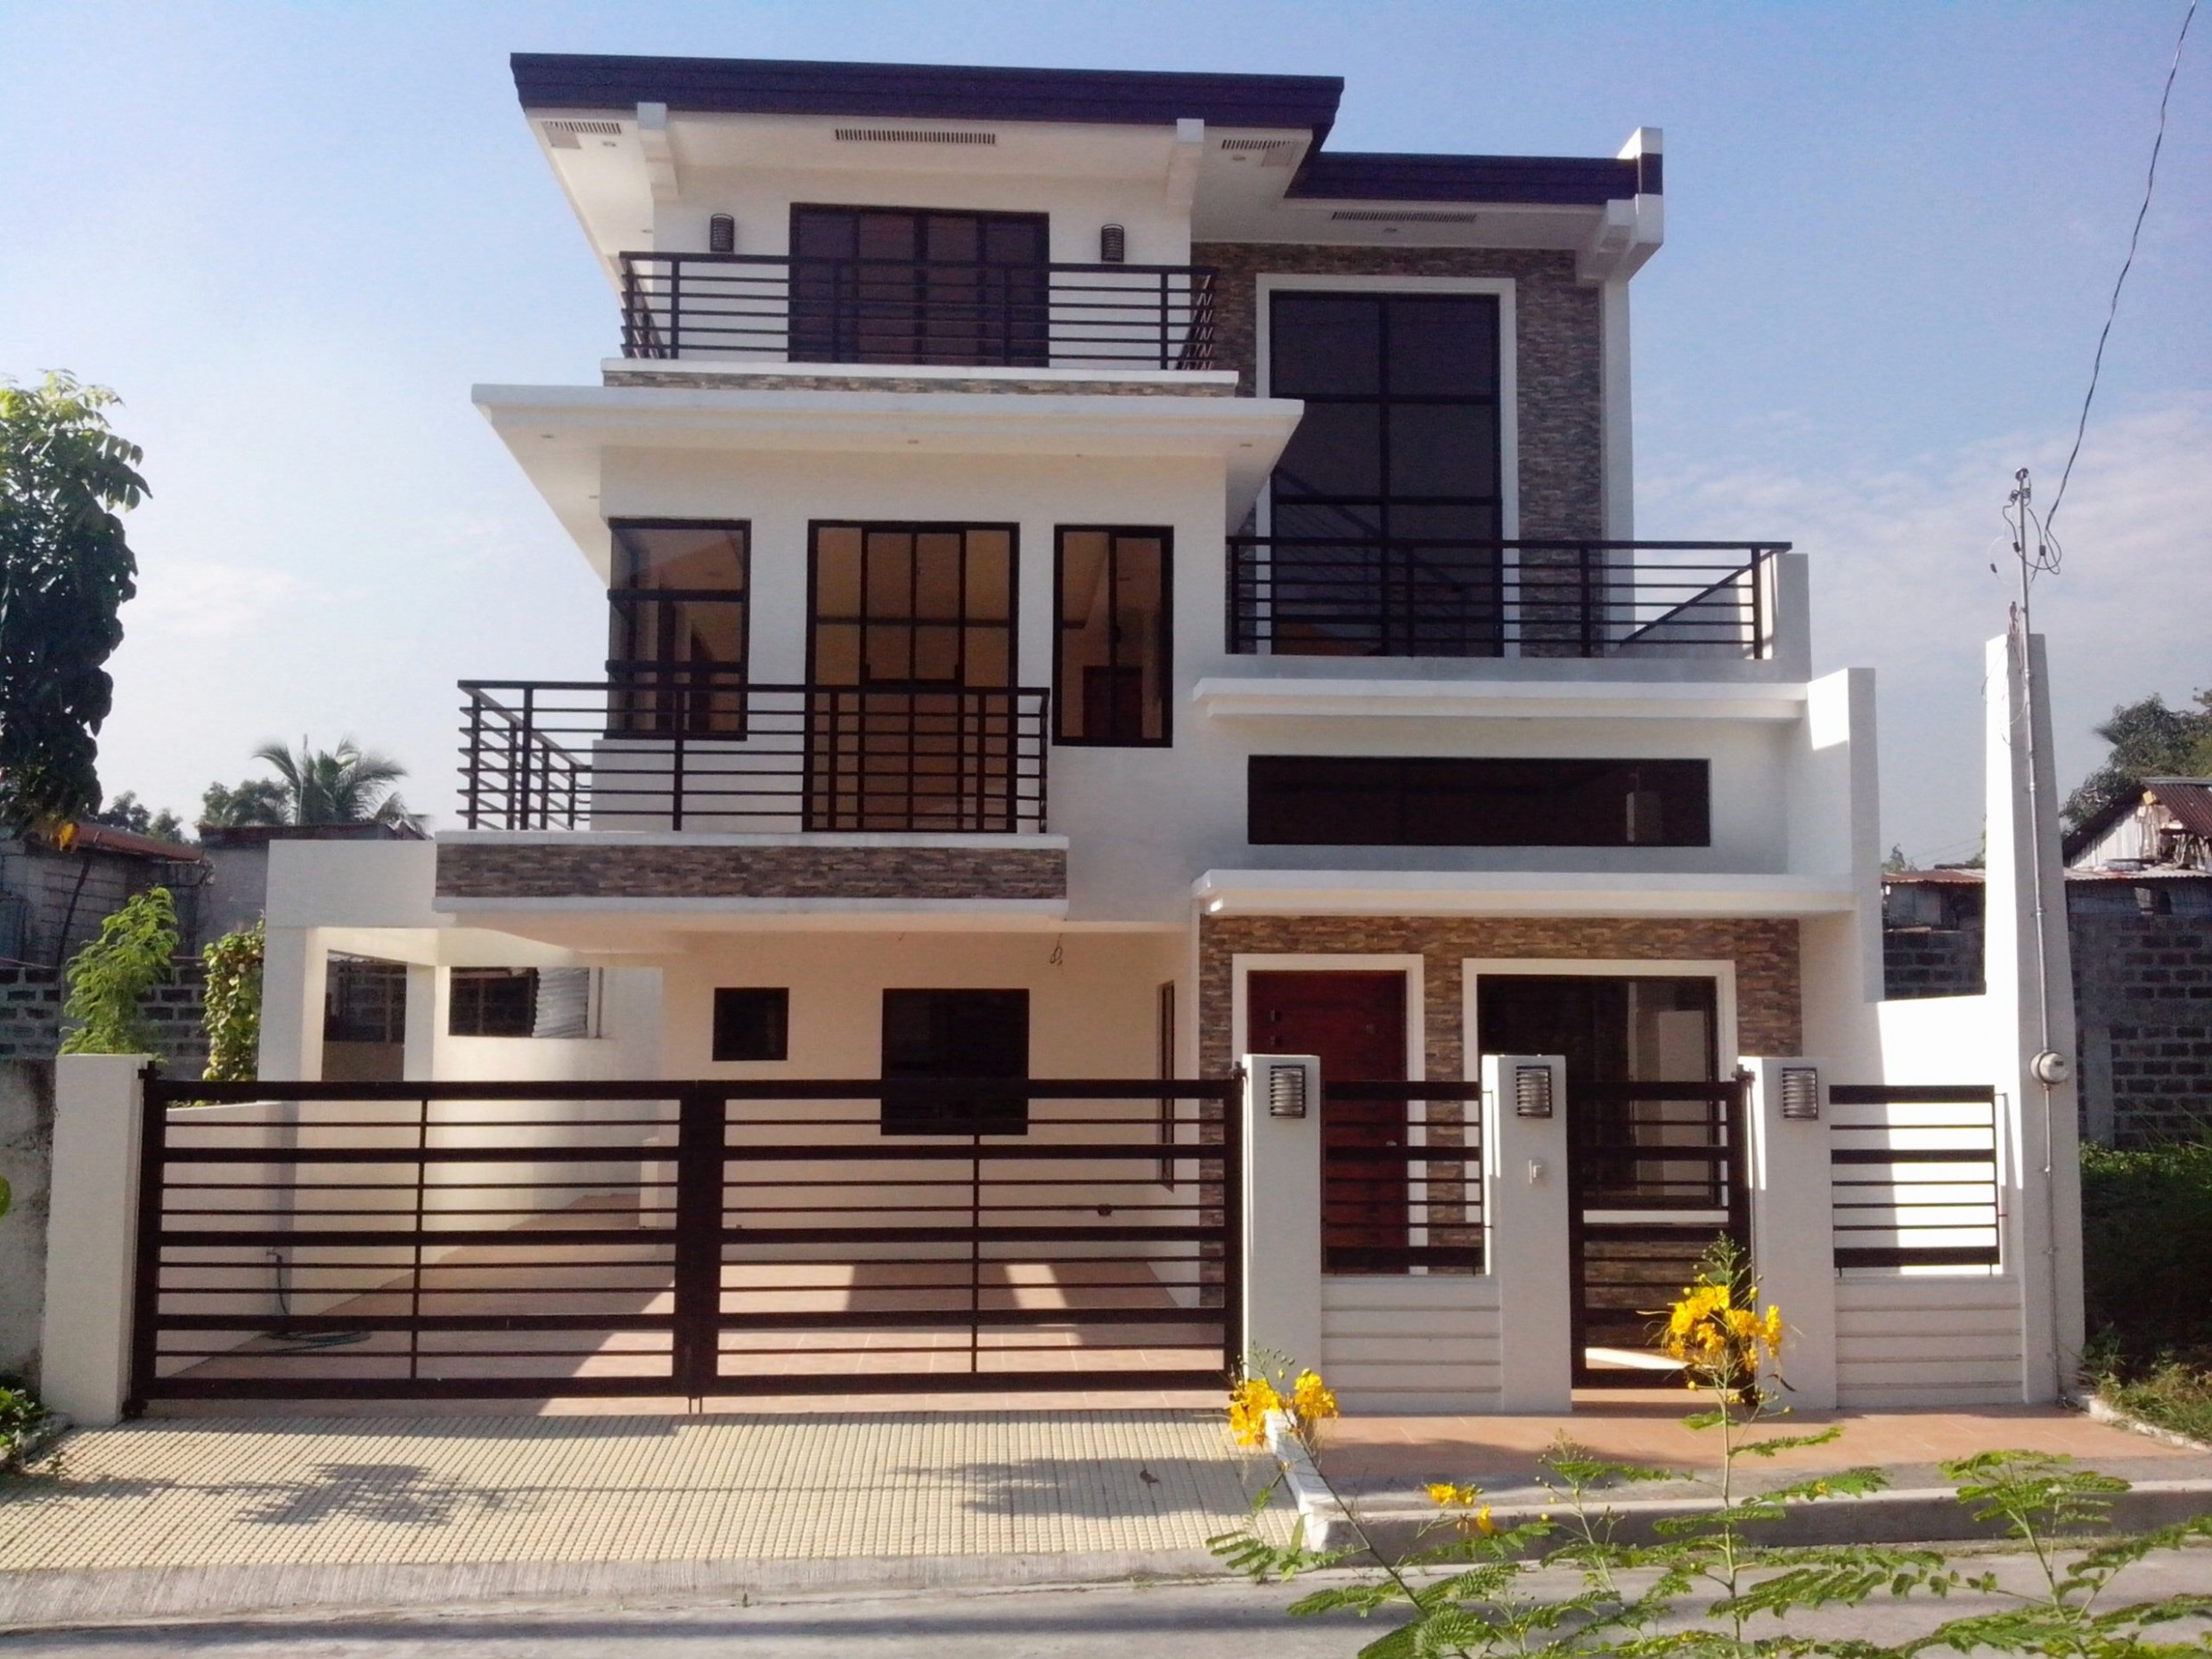 Duplex Apartment Design Philippines   Philippines house design  - Apartment House Design Philippines